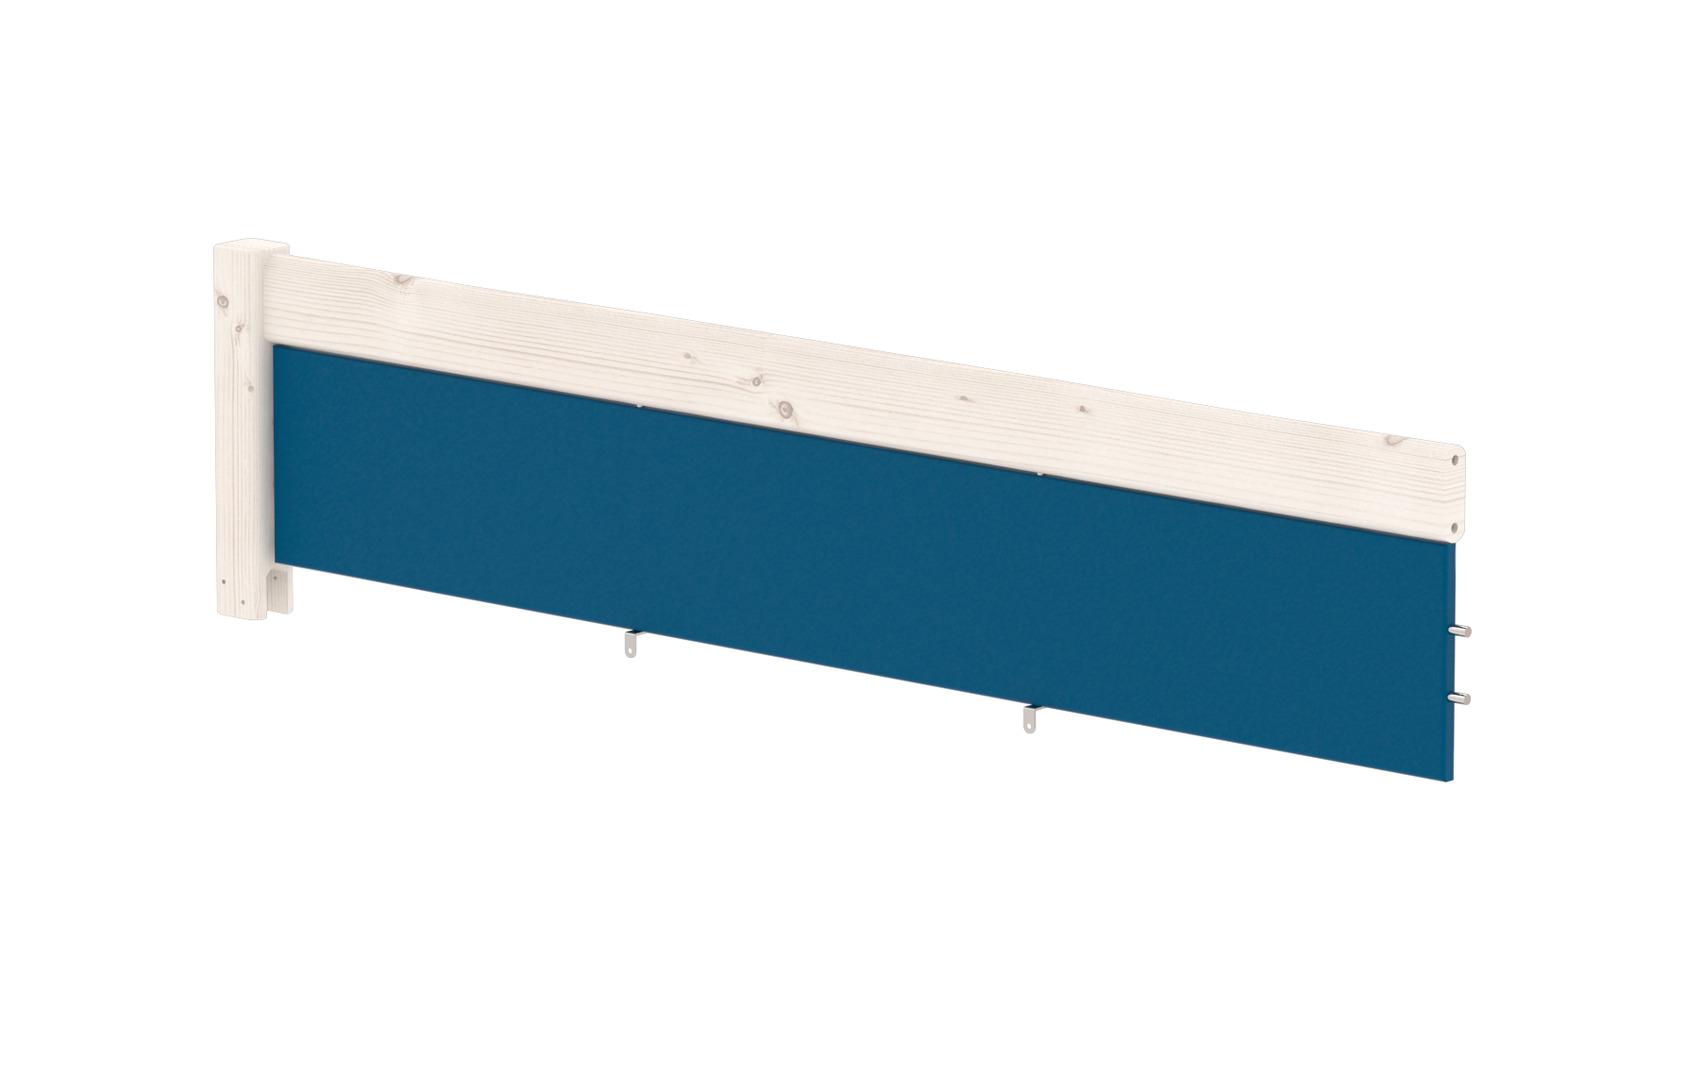 Etagenbett Flexa Absturzsicherung : Harmony bett mit farbigen füllungen und 1 2 absturzsicherung